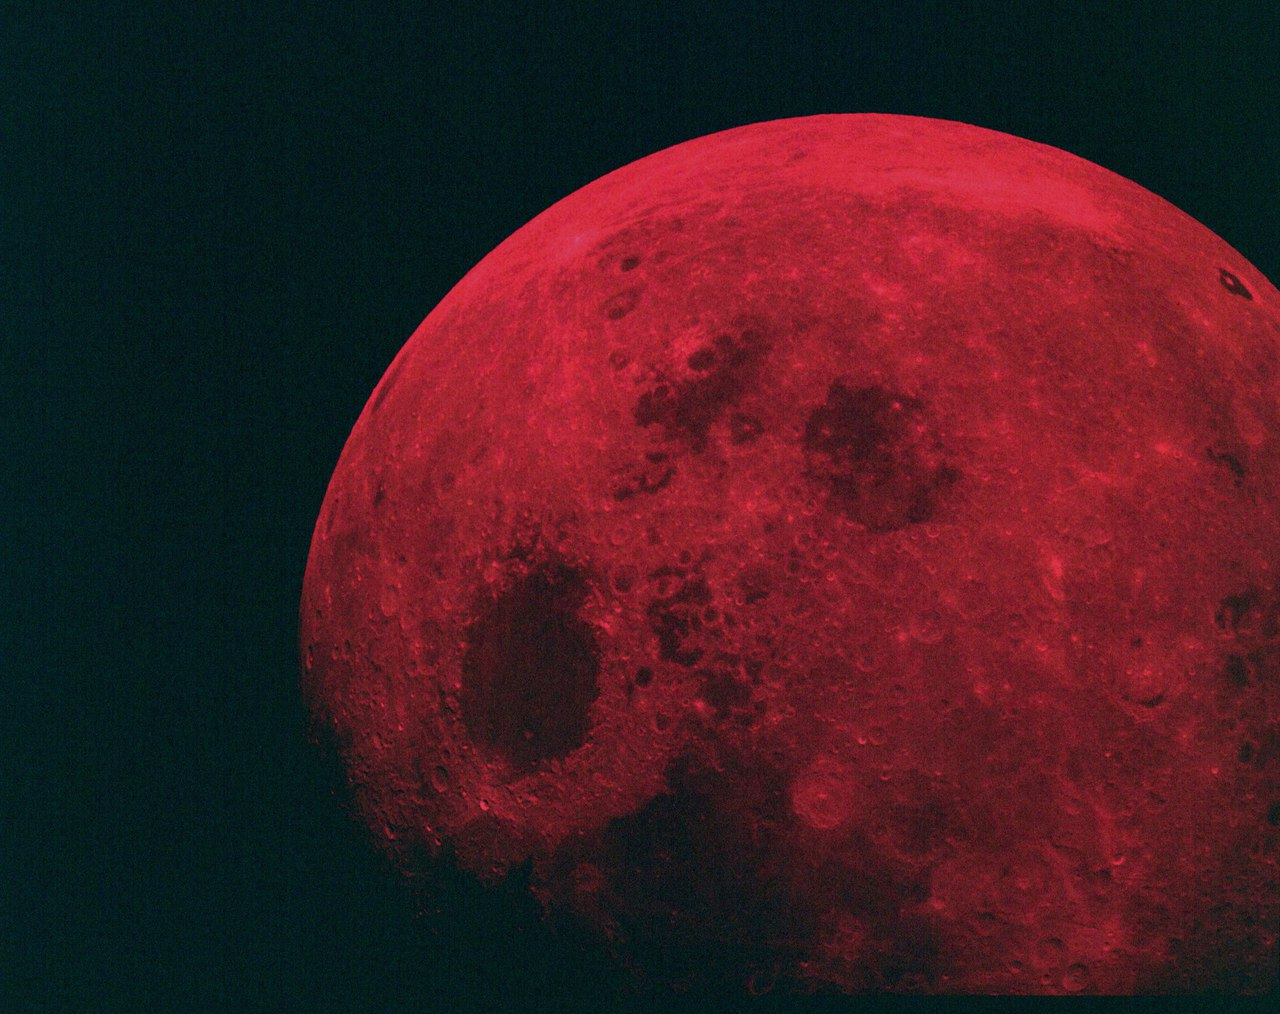 кровавая луна фотографии печать, появившись